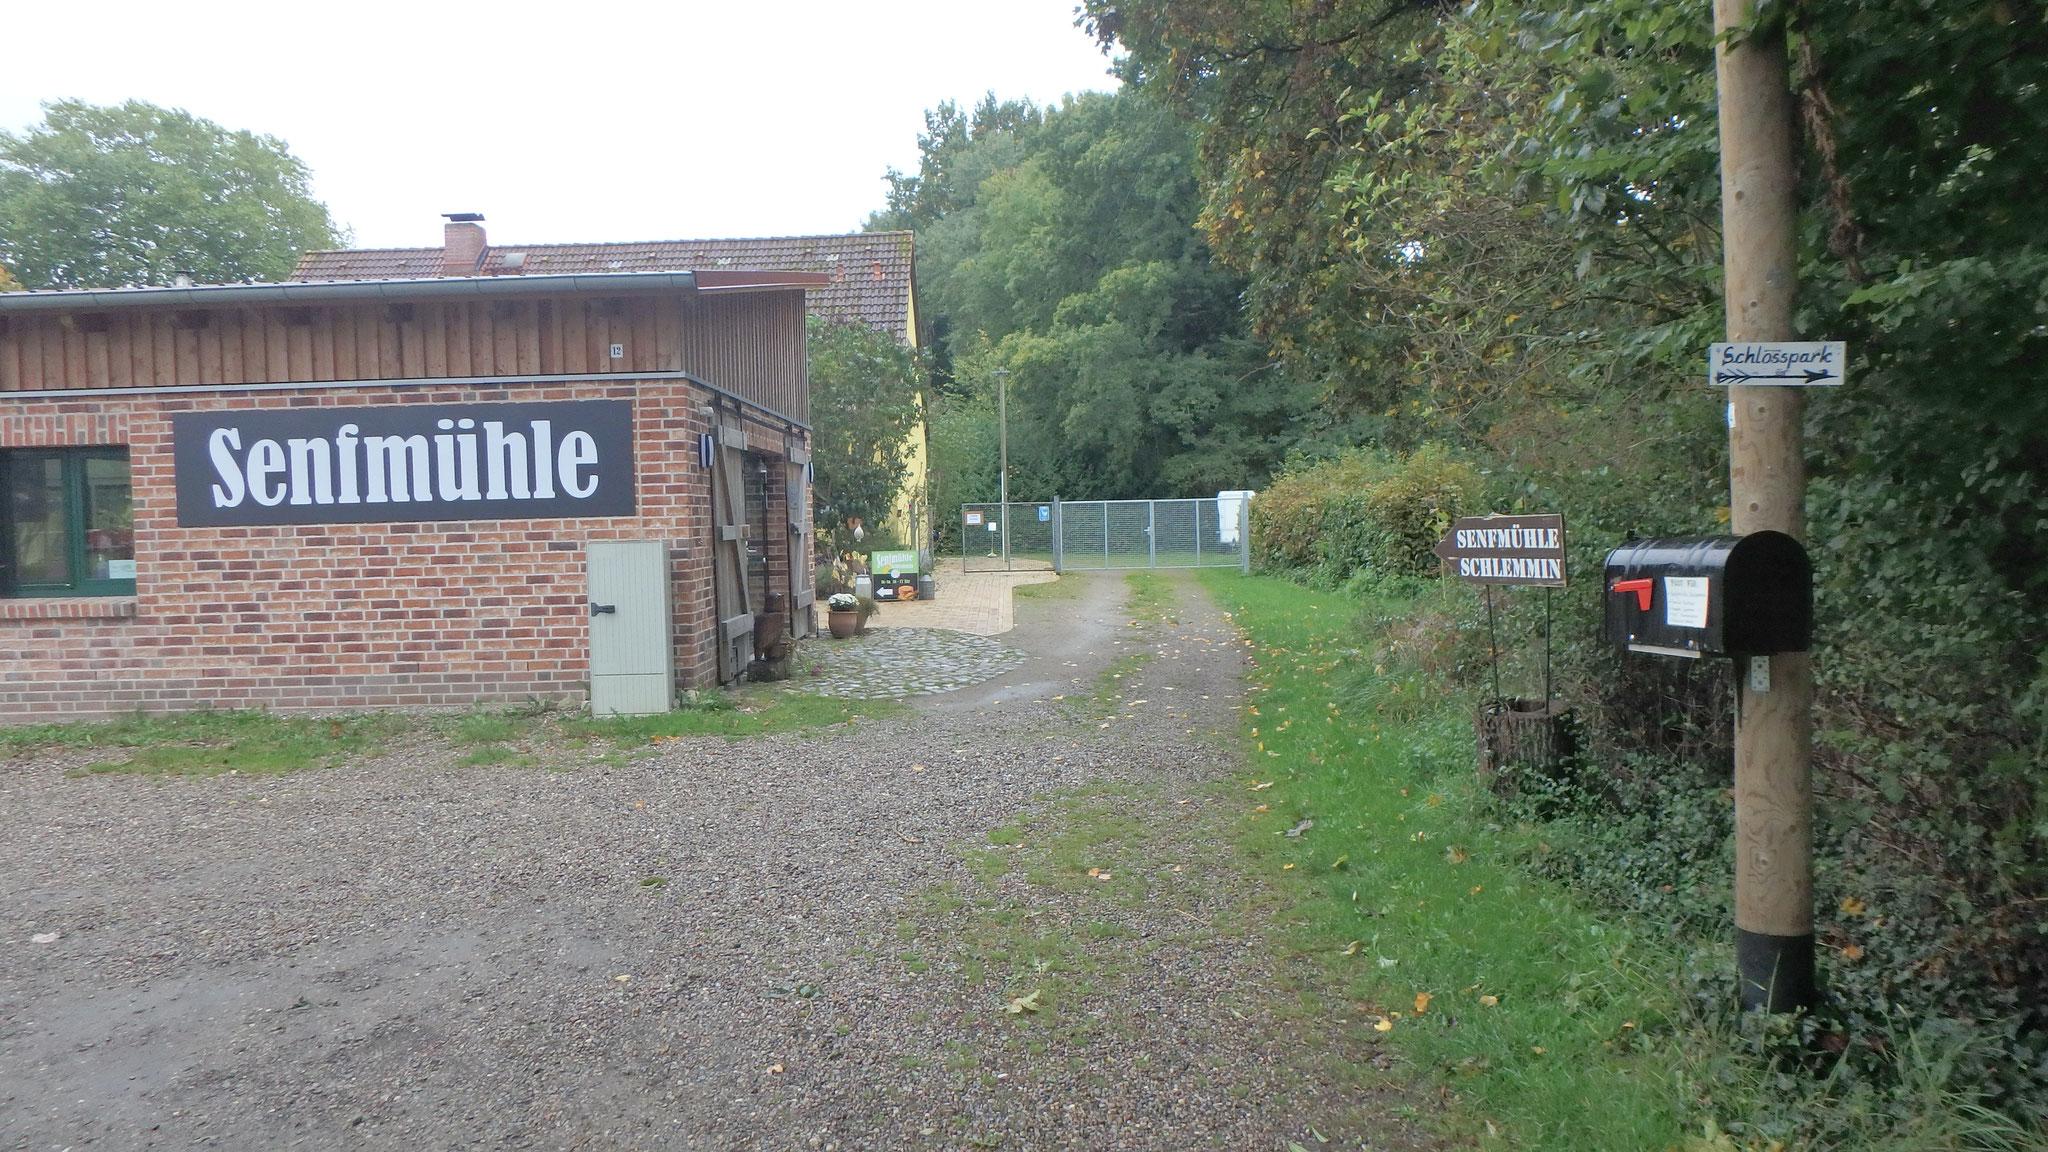 Senfmühle Schlemmin